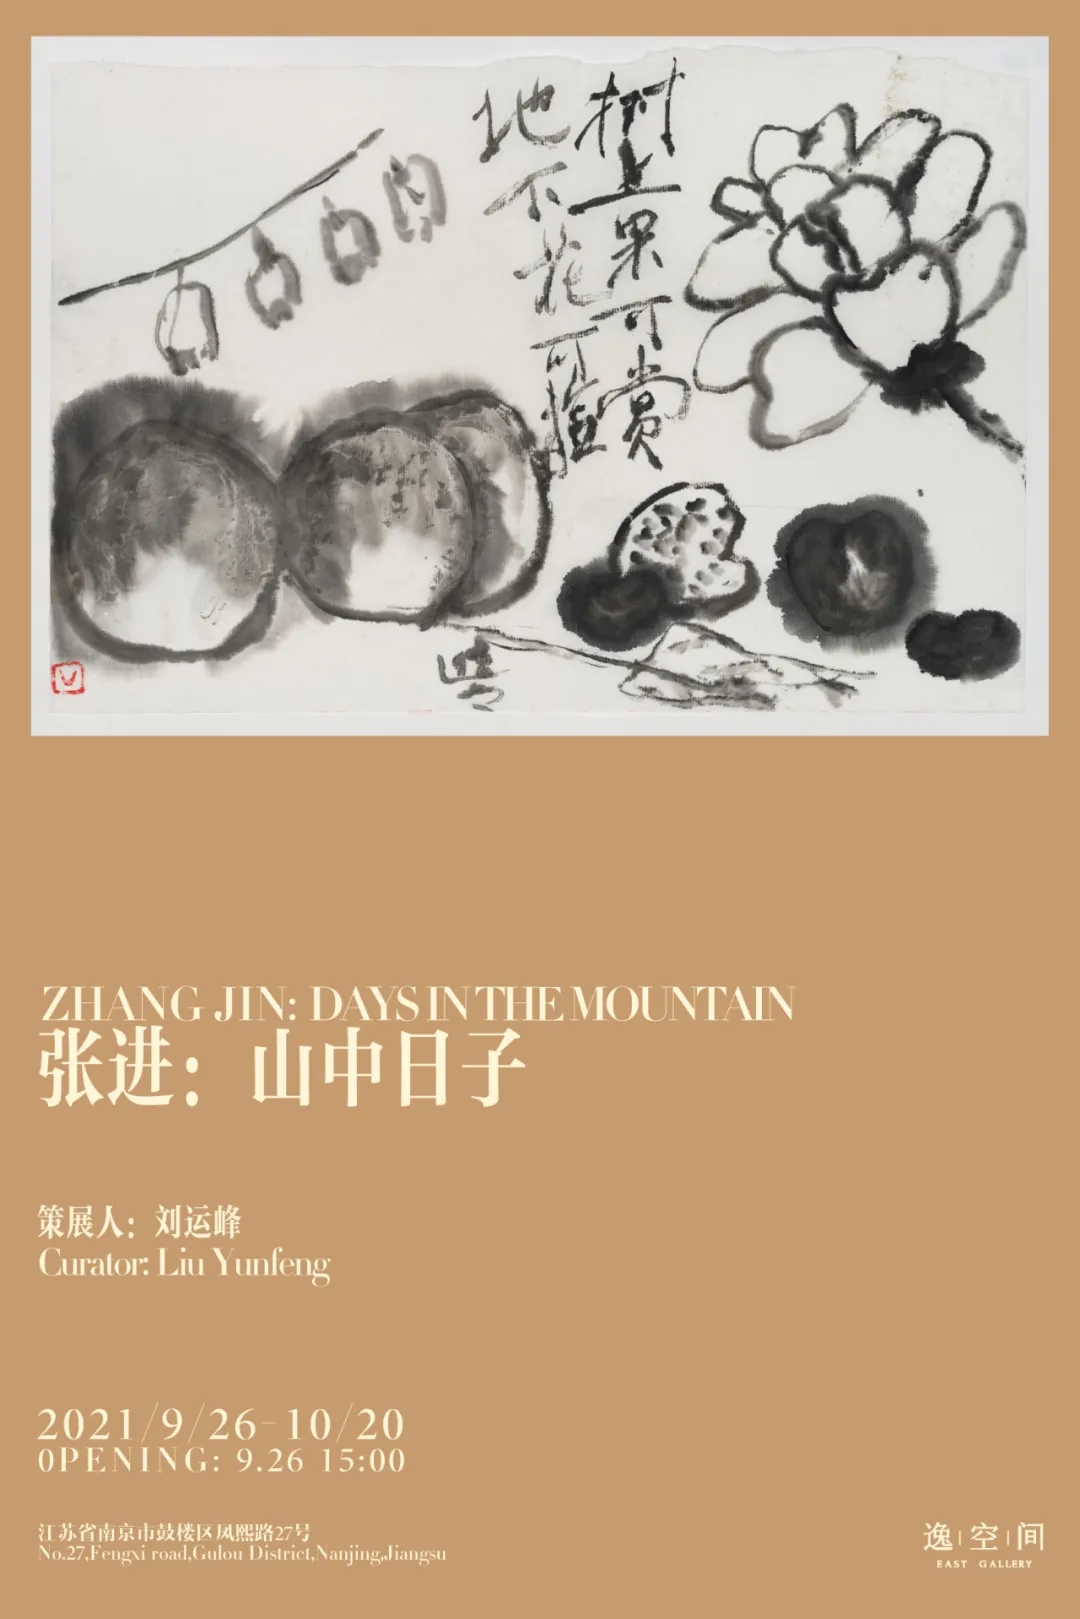 展覽推薦丨張進:山中日子